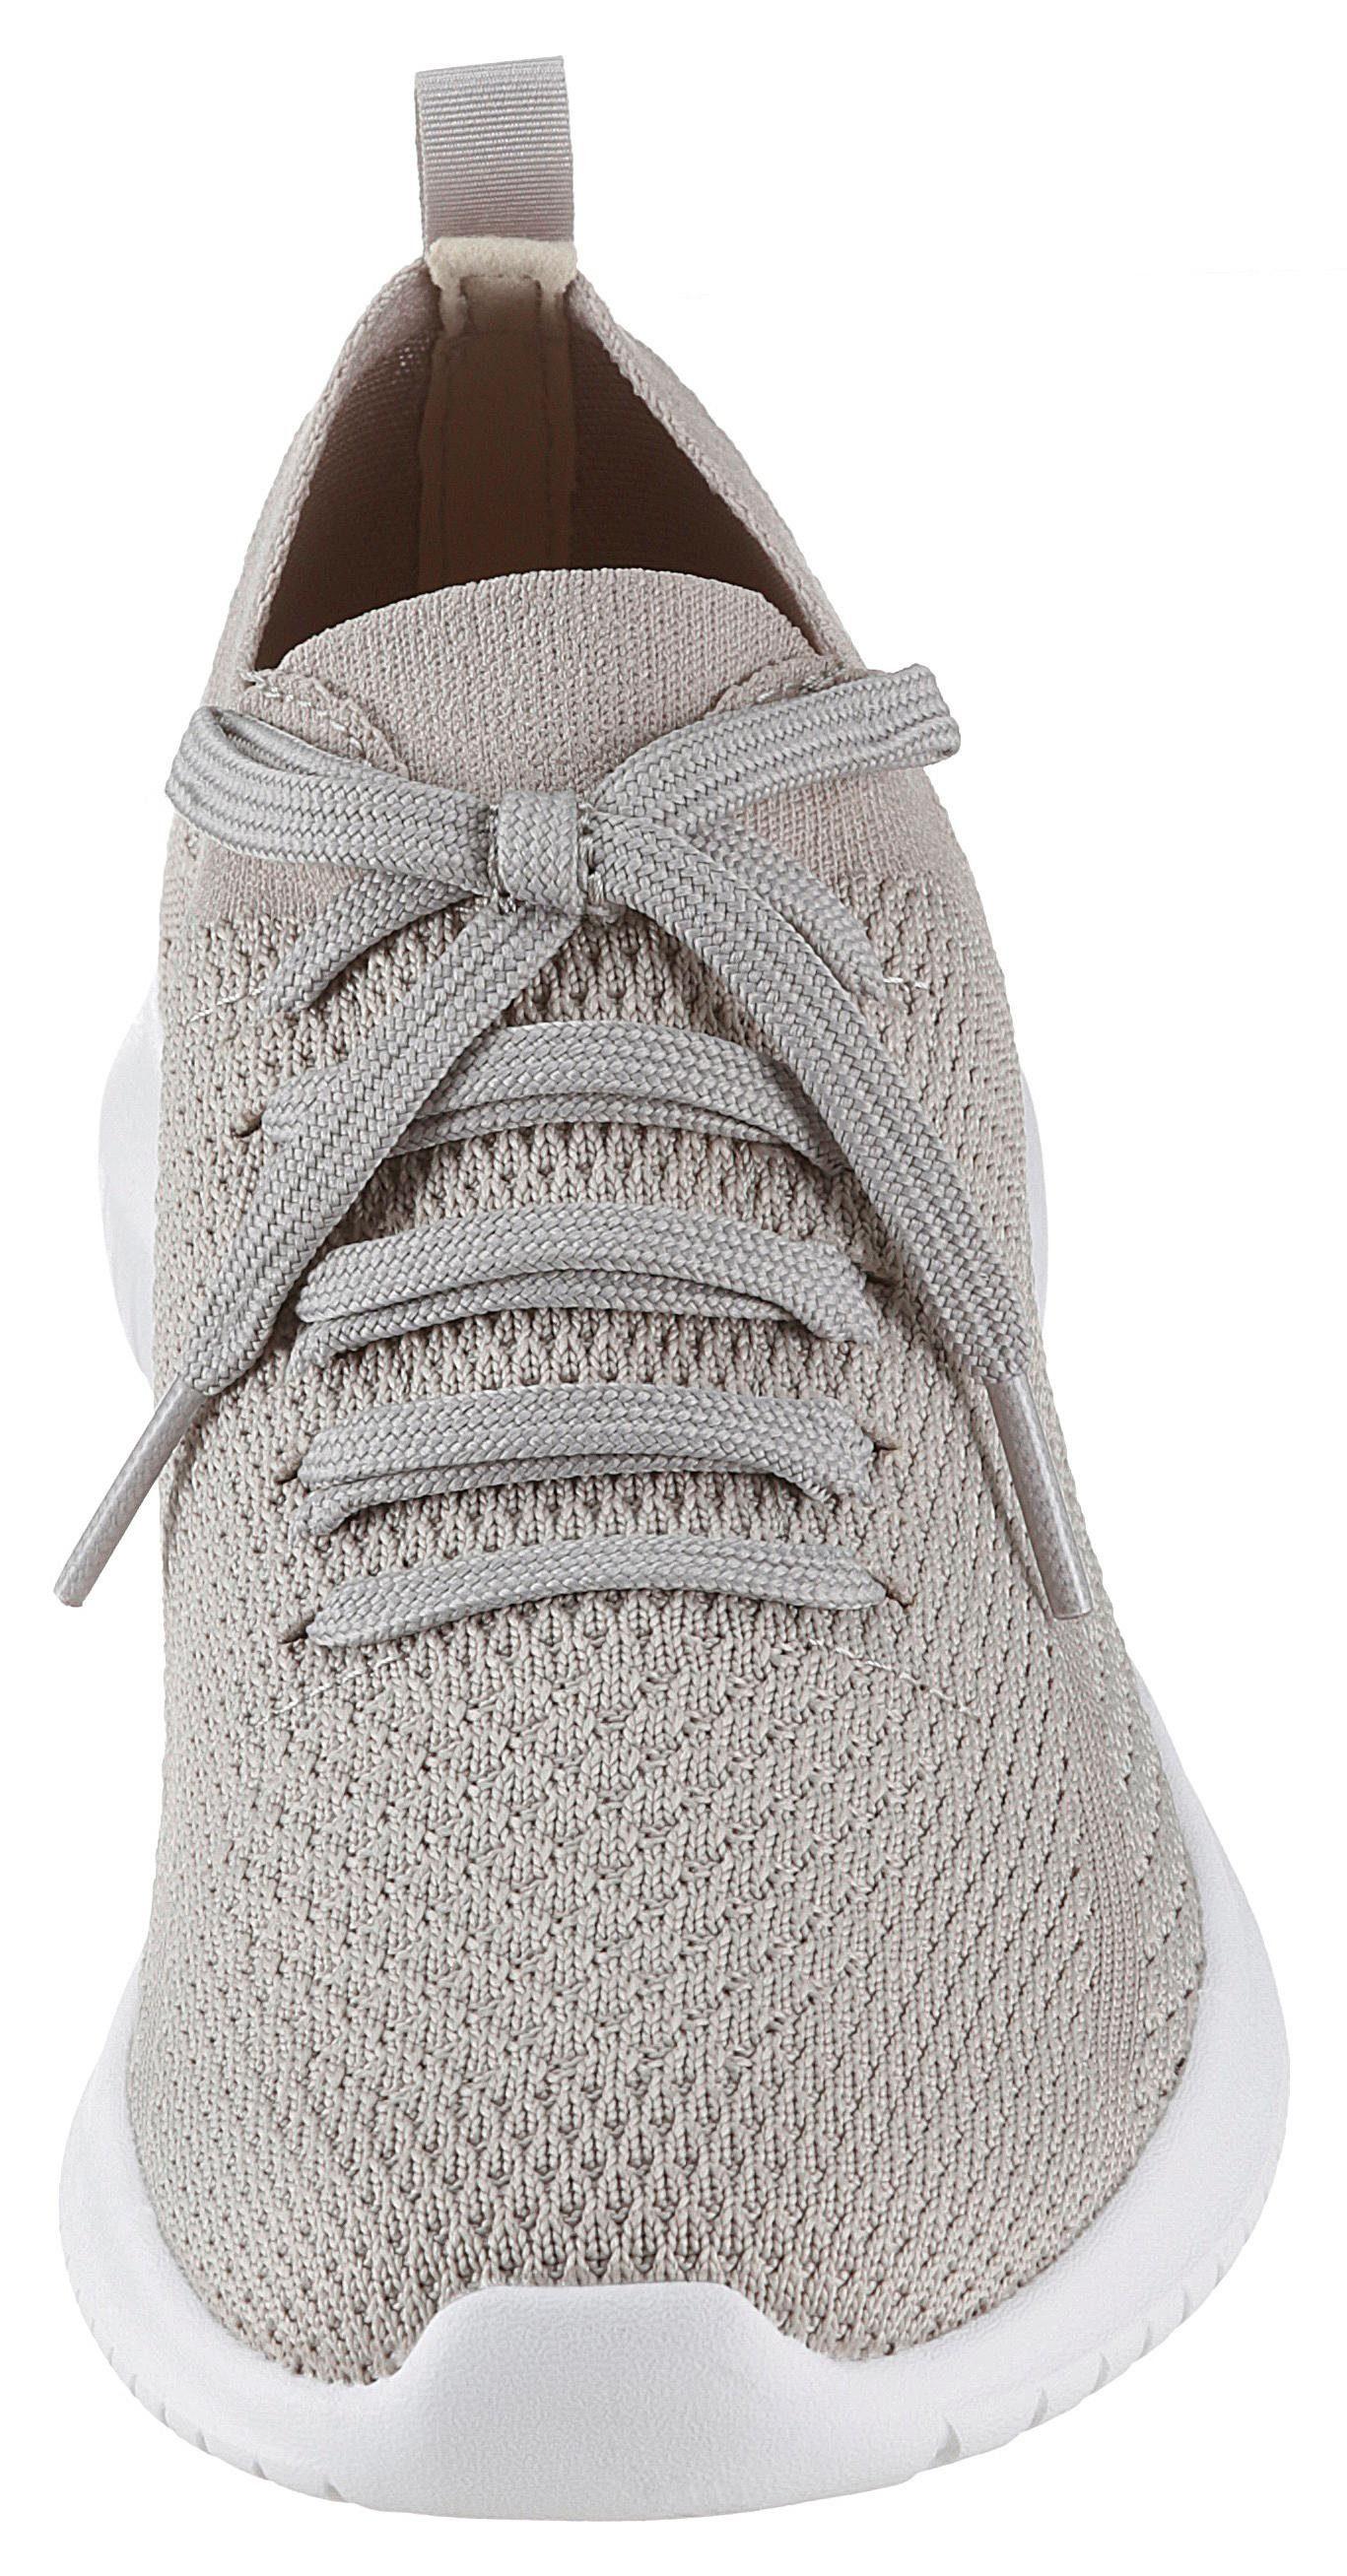 Skechers Slip-on Sneakers In De Online Winkel - Geweldige Prijs